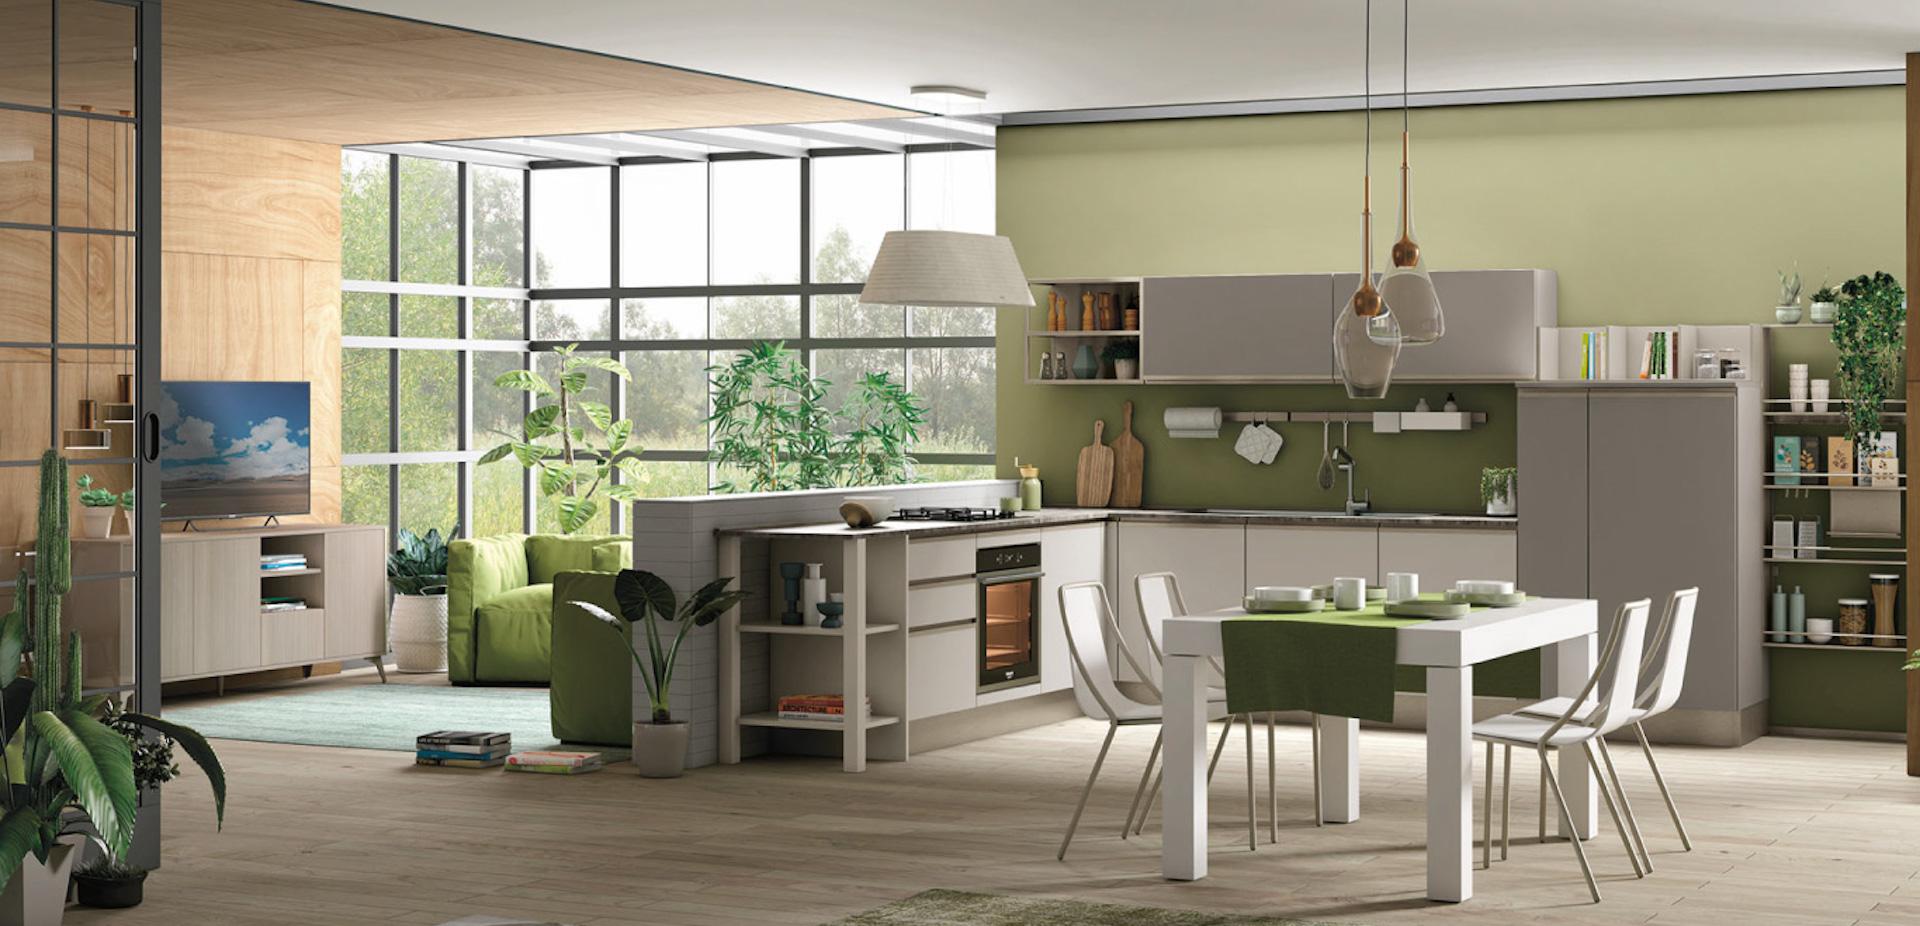 Idee Per La Cucina alcune idee per rinnovare la cucina in primavera senza